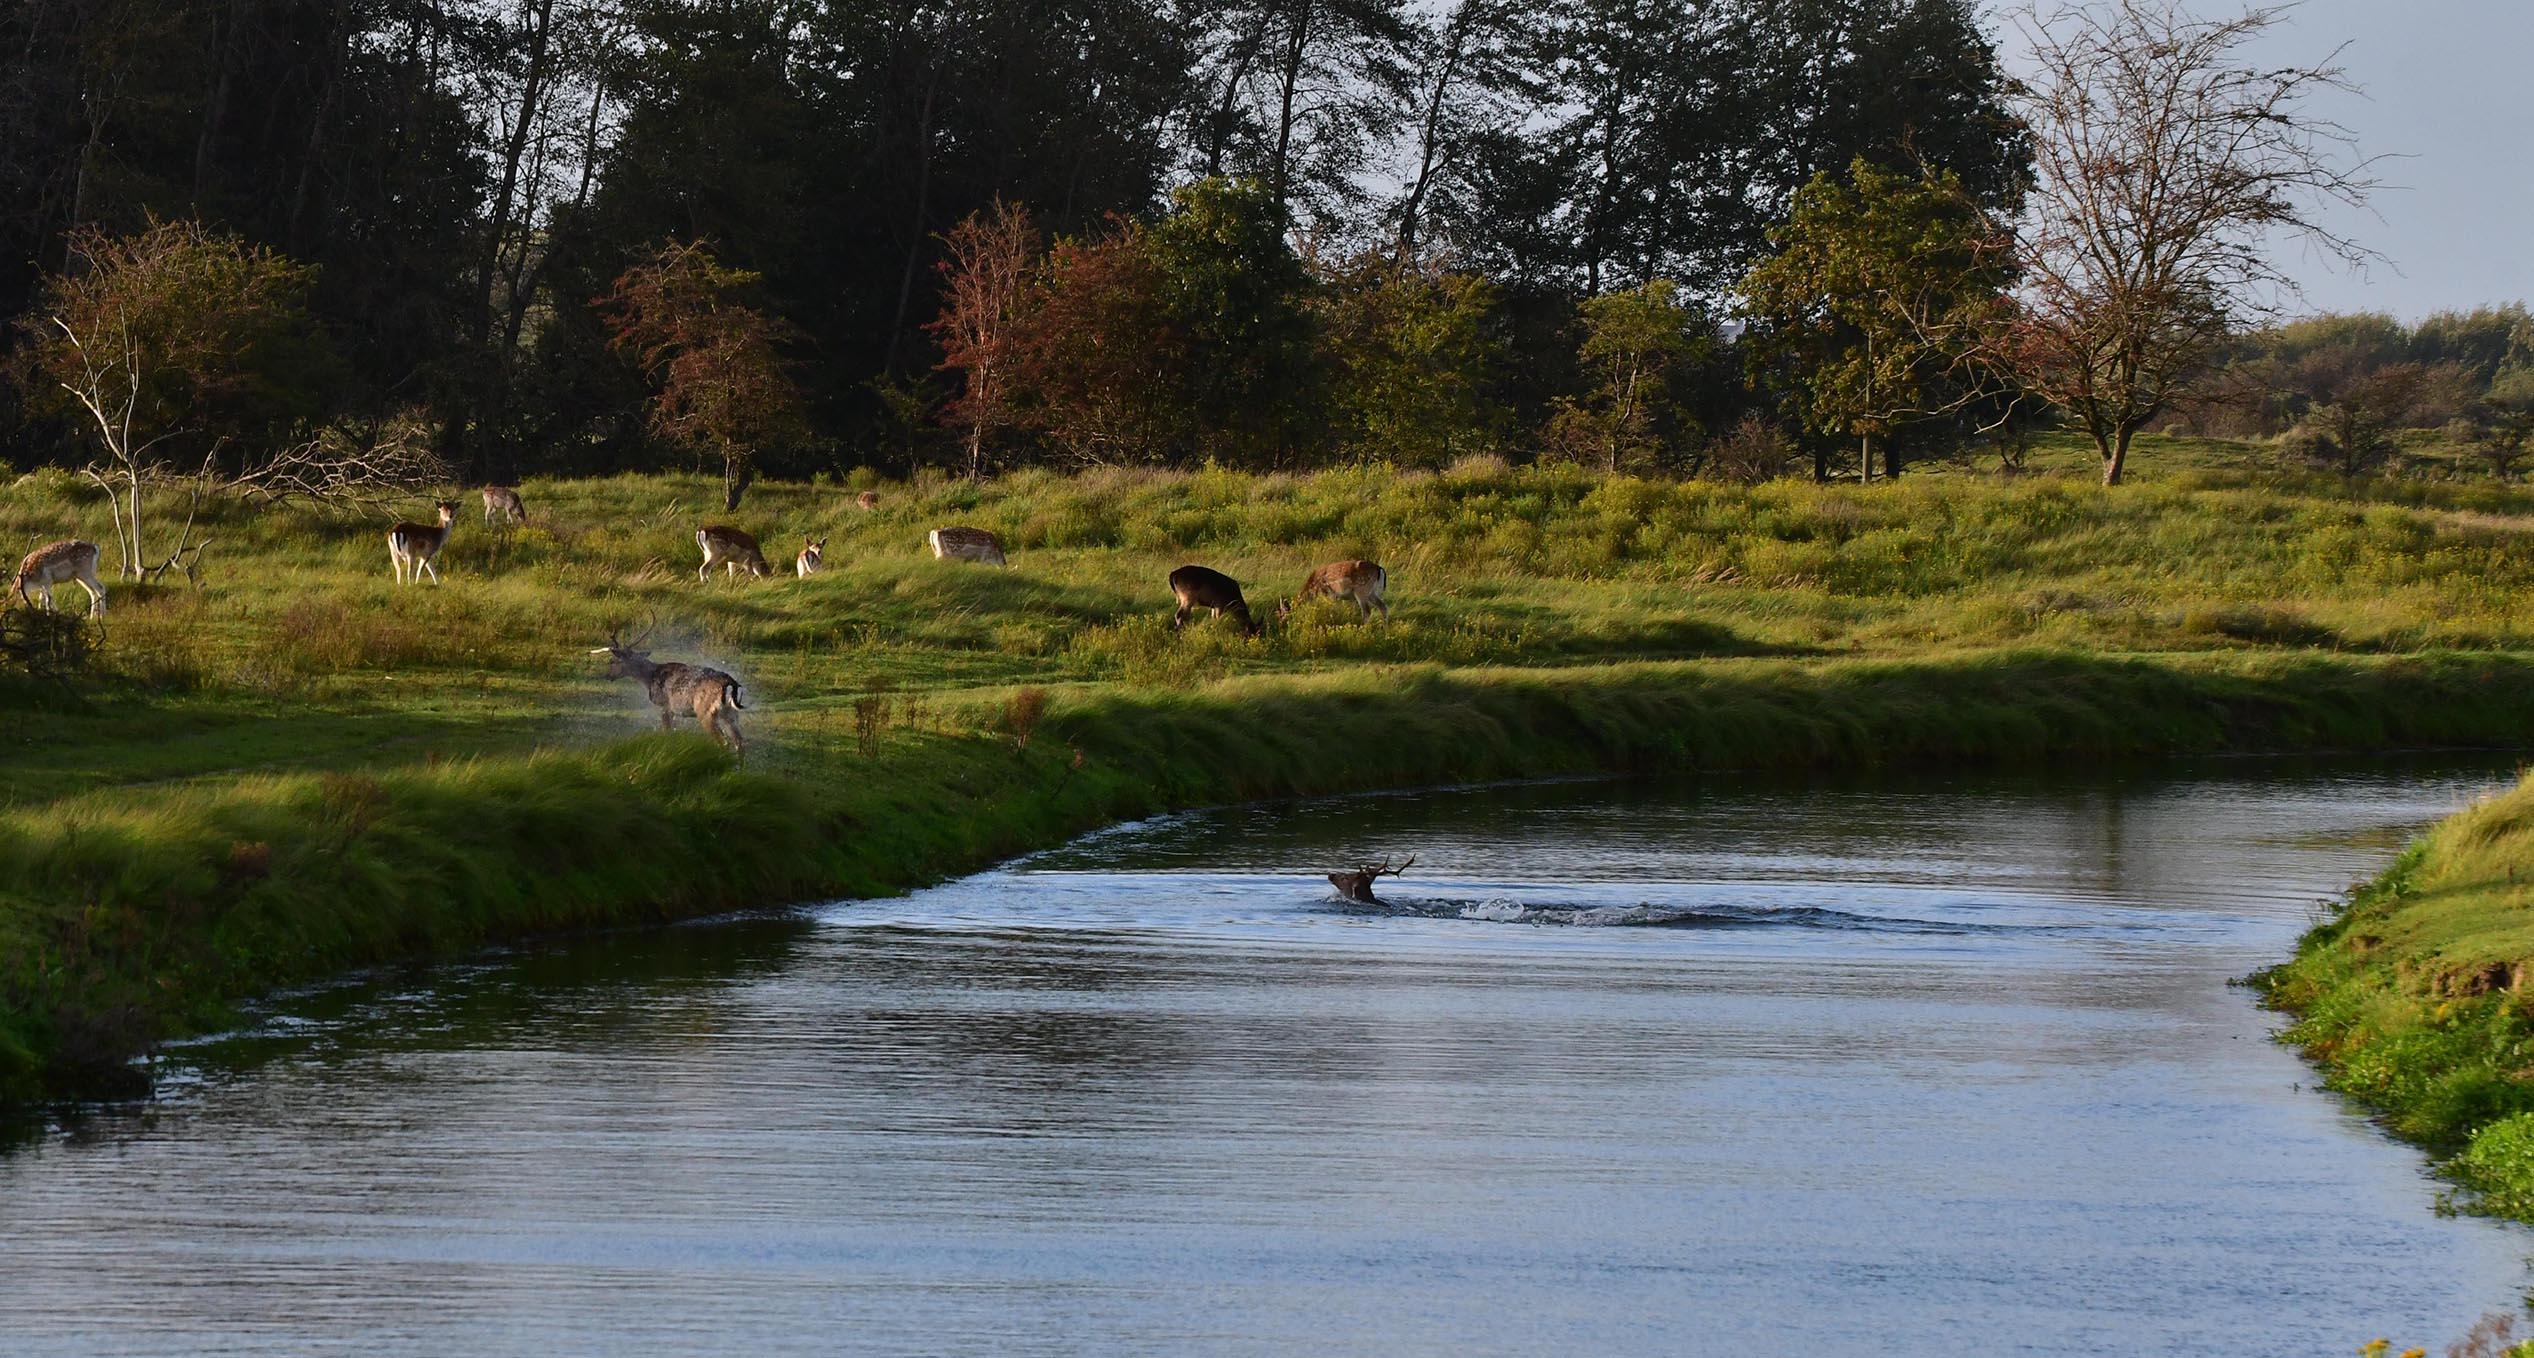 En zwemmen beide herten naar de overkant – Foto: ©Louis Fraanje